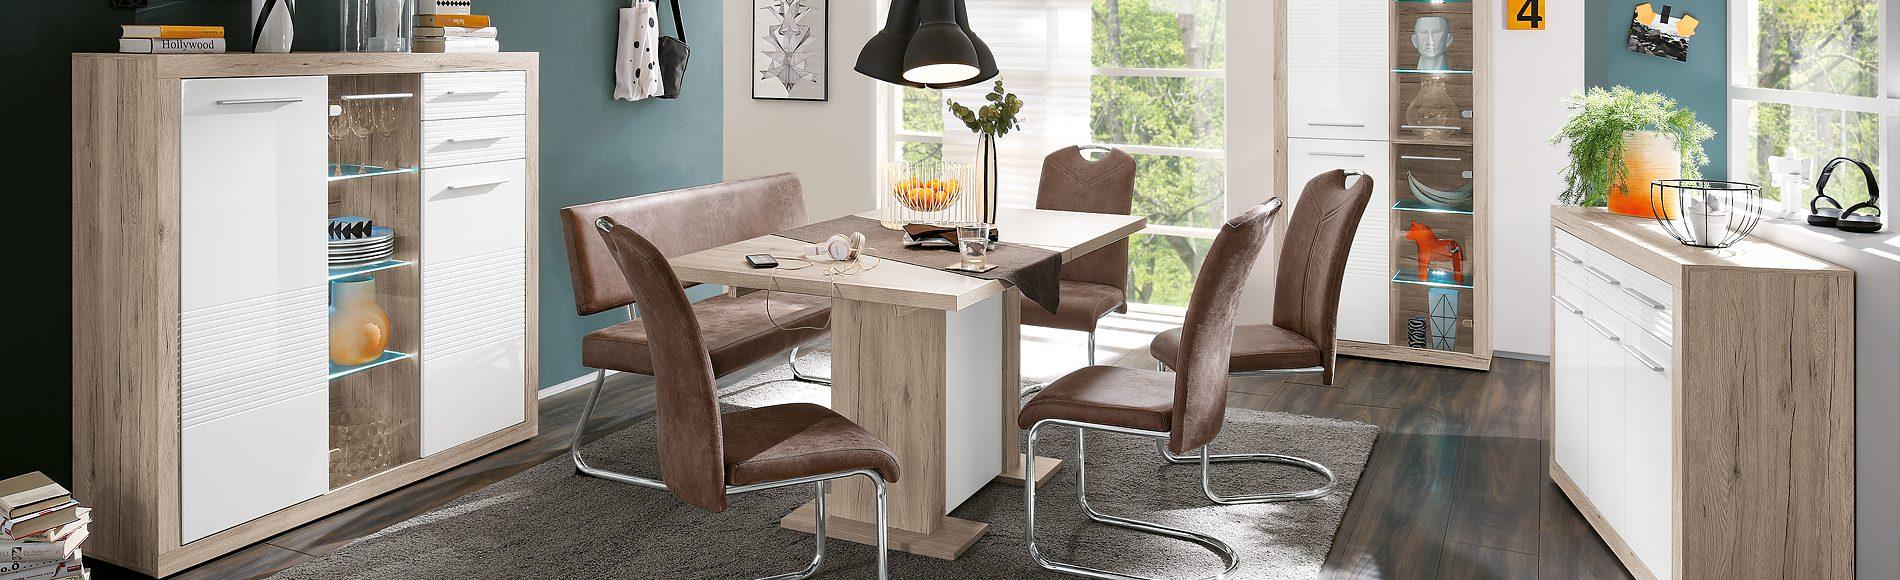 Speisezimmer mit Sideboard, Sitzbank, Highboard, Vitrine, ausziehbarem Esstisch und Schwingstühlen günstig kaufen bei Robin Hood Möbel+Küchen in Donaueschingen